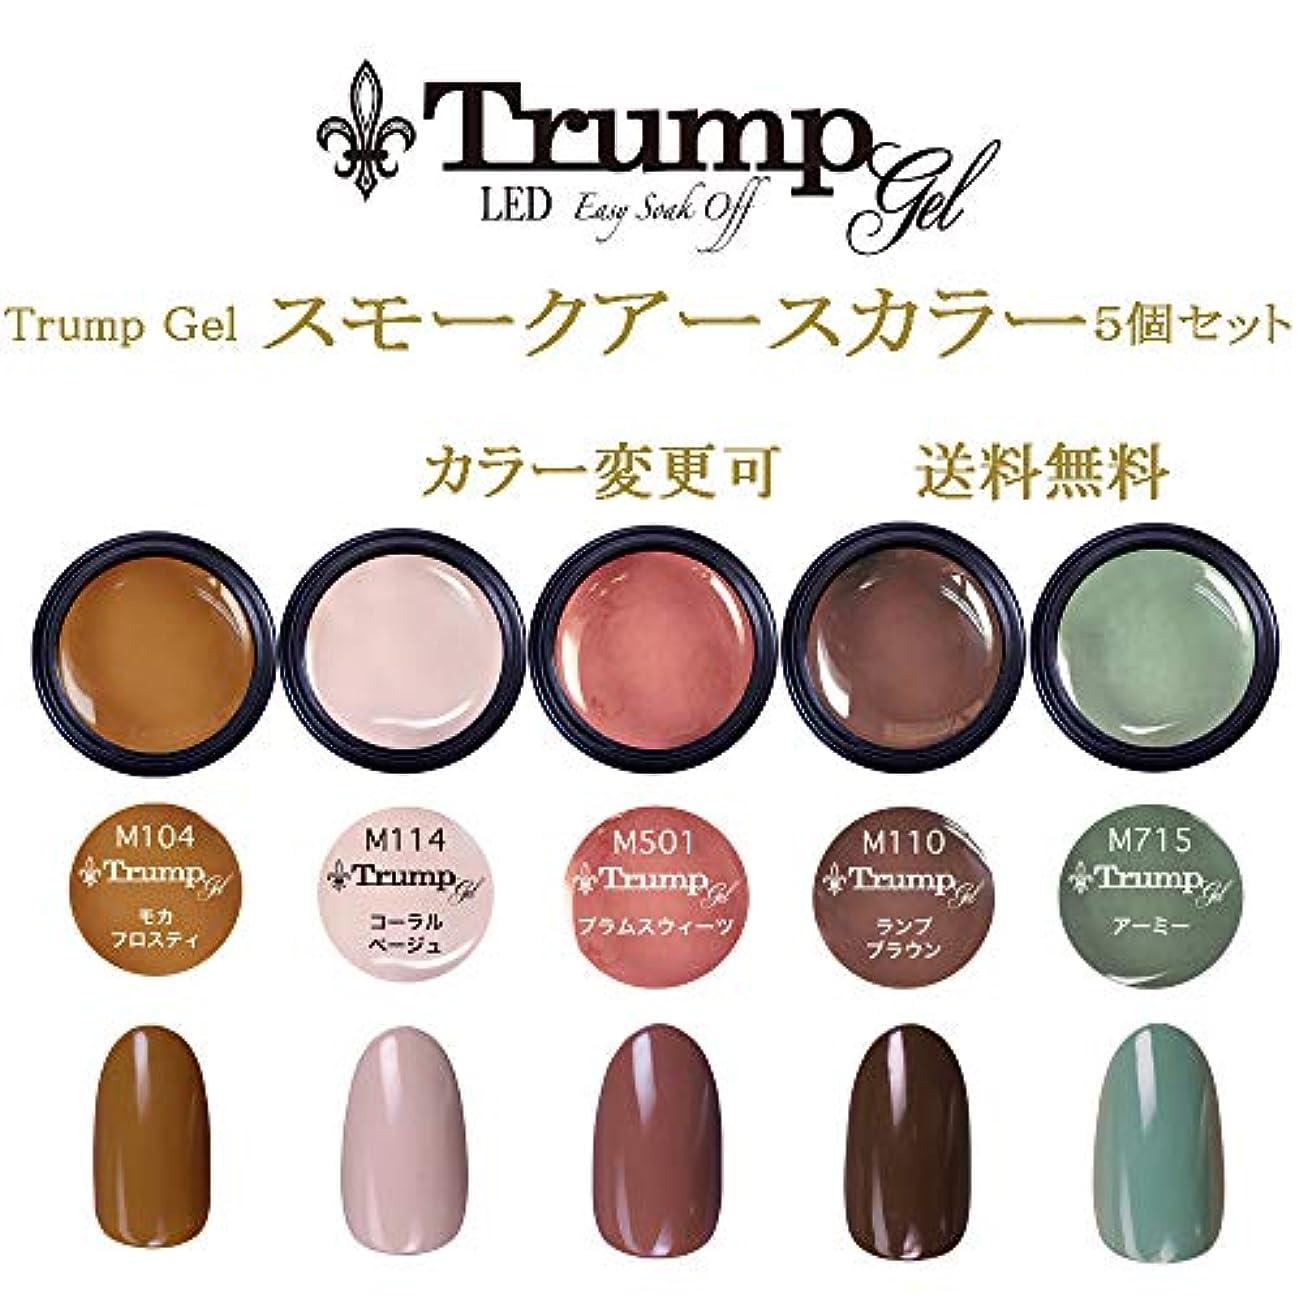 バラ色バースト切手【送料無料】日本製 Trump gel トランプジェル スモークアース 選べる カラージェル 5個セット スモーキー アースカラー ベージュ ブラウン マスタード カーキ カラー